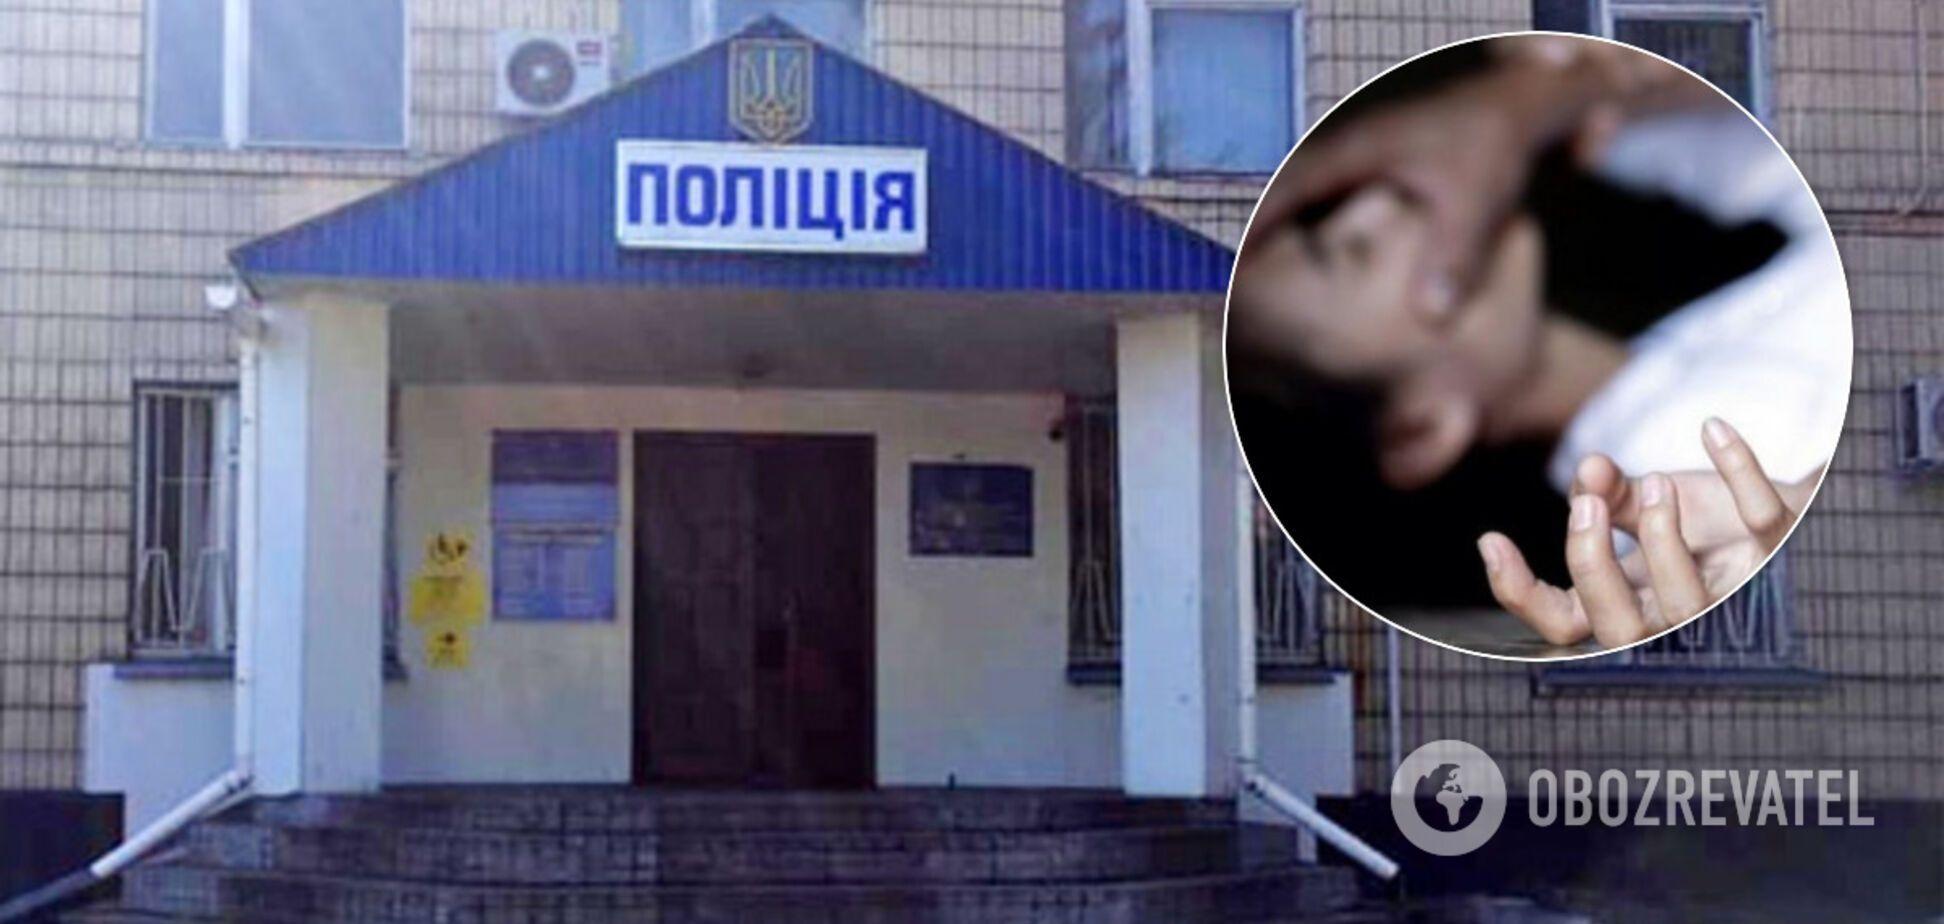 Ключовий свідок дав свідчення у справі про зґвалтування в Кагарлику